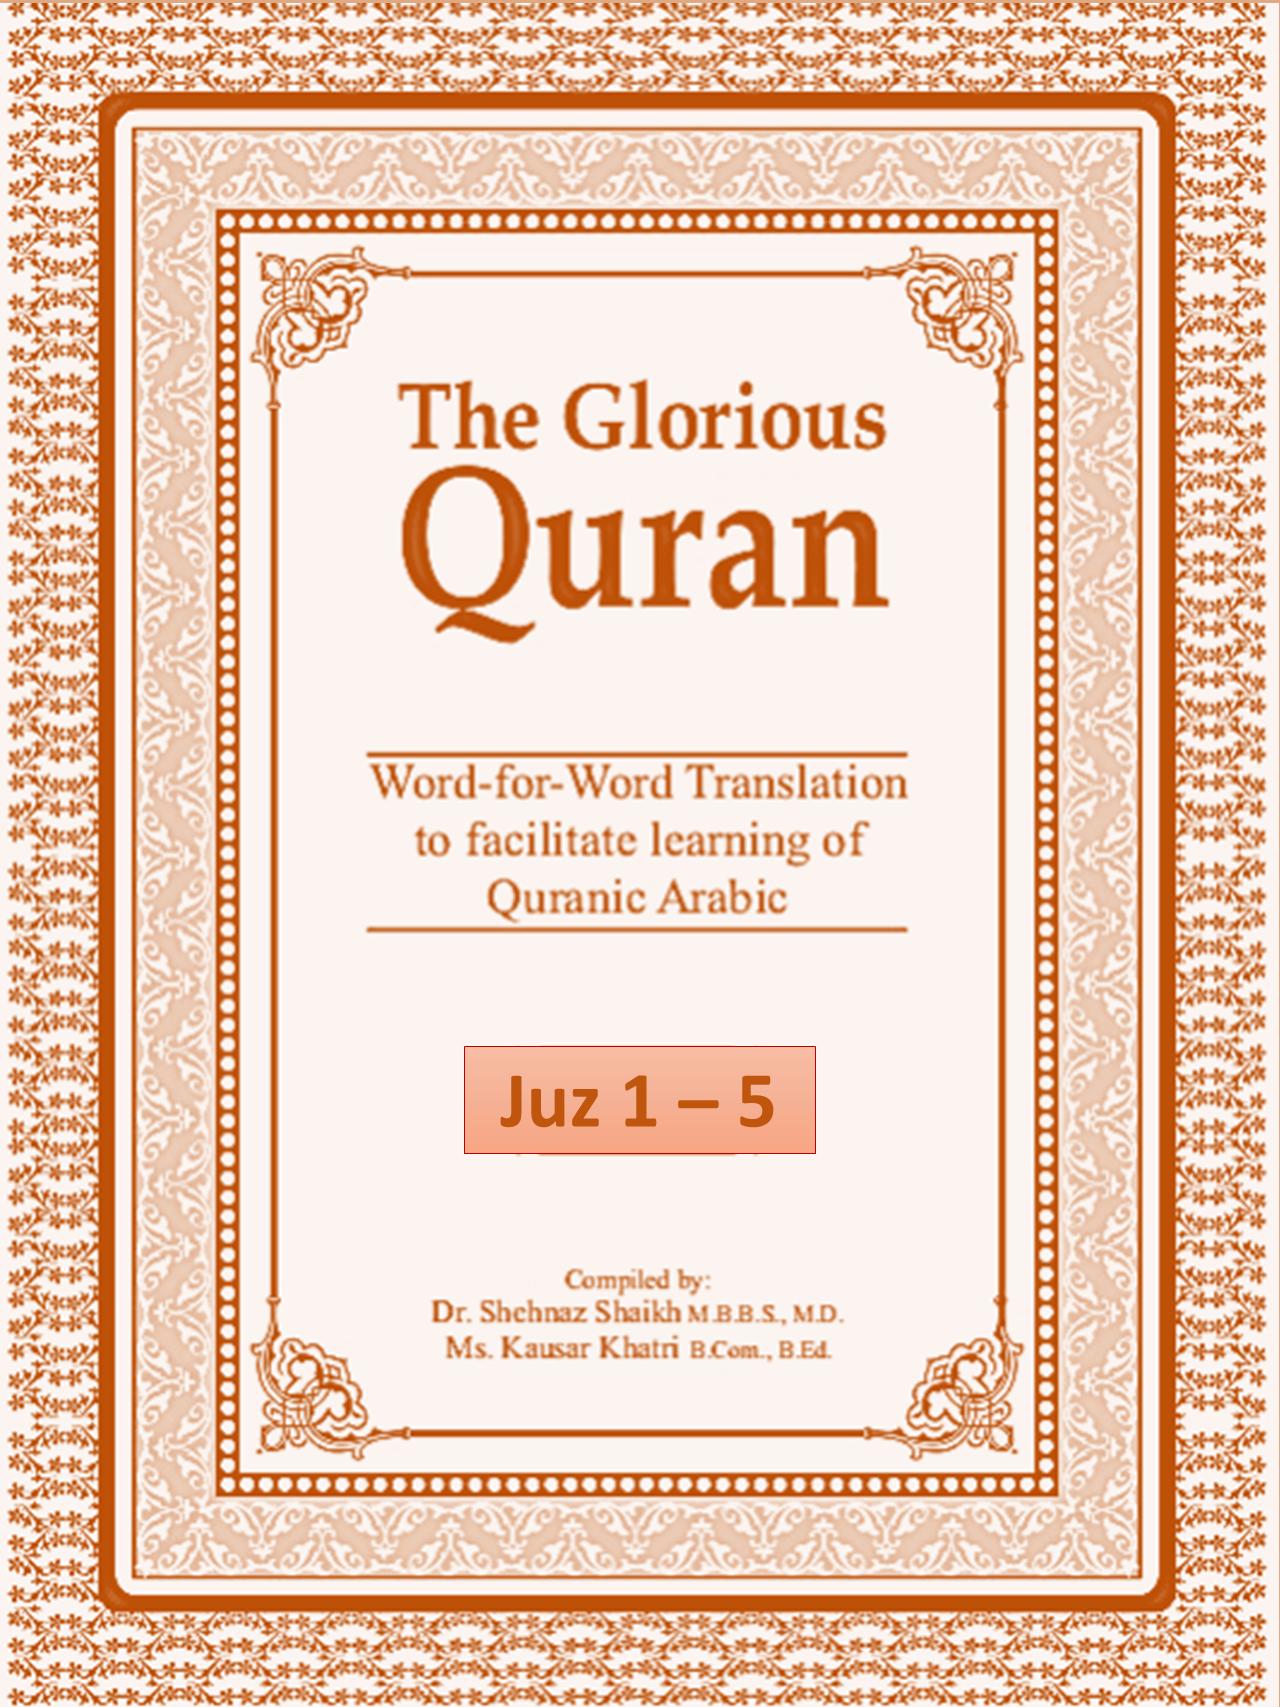 The Glorious Quran Vol 1 (Juz 1-5)